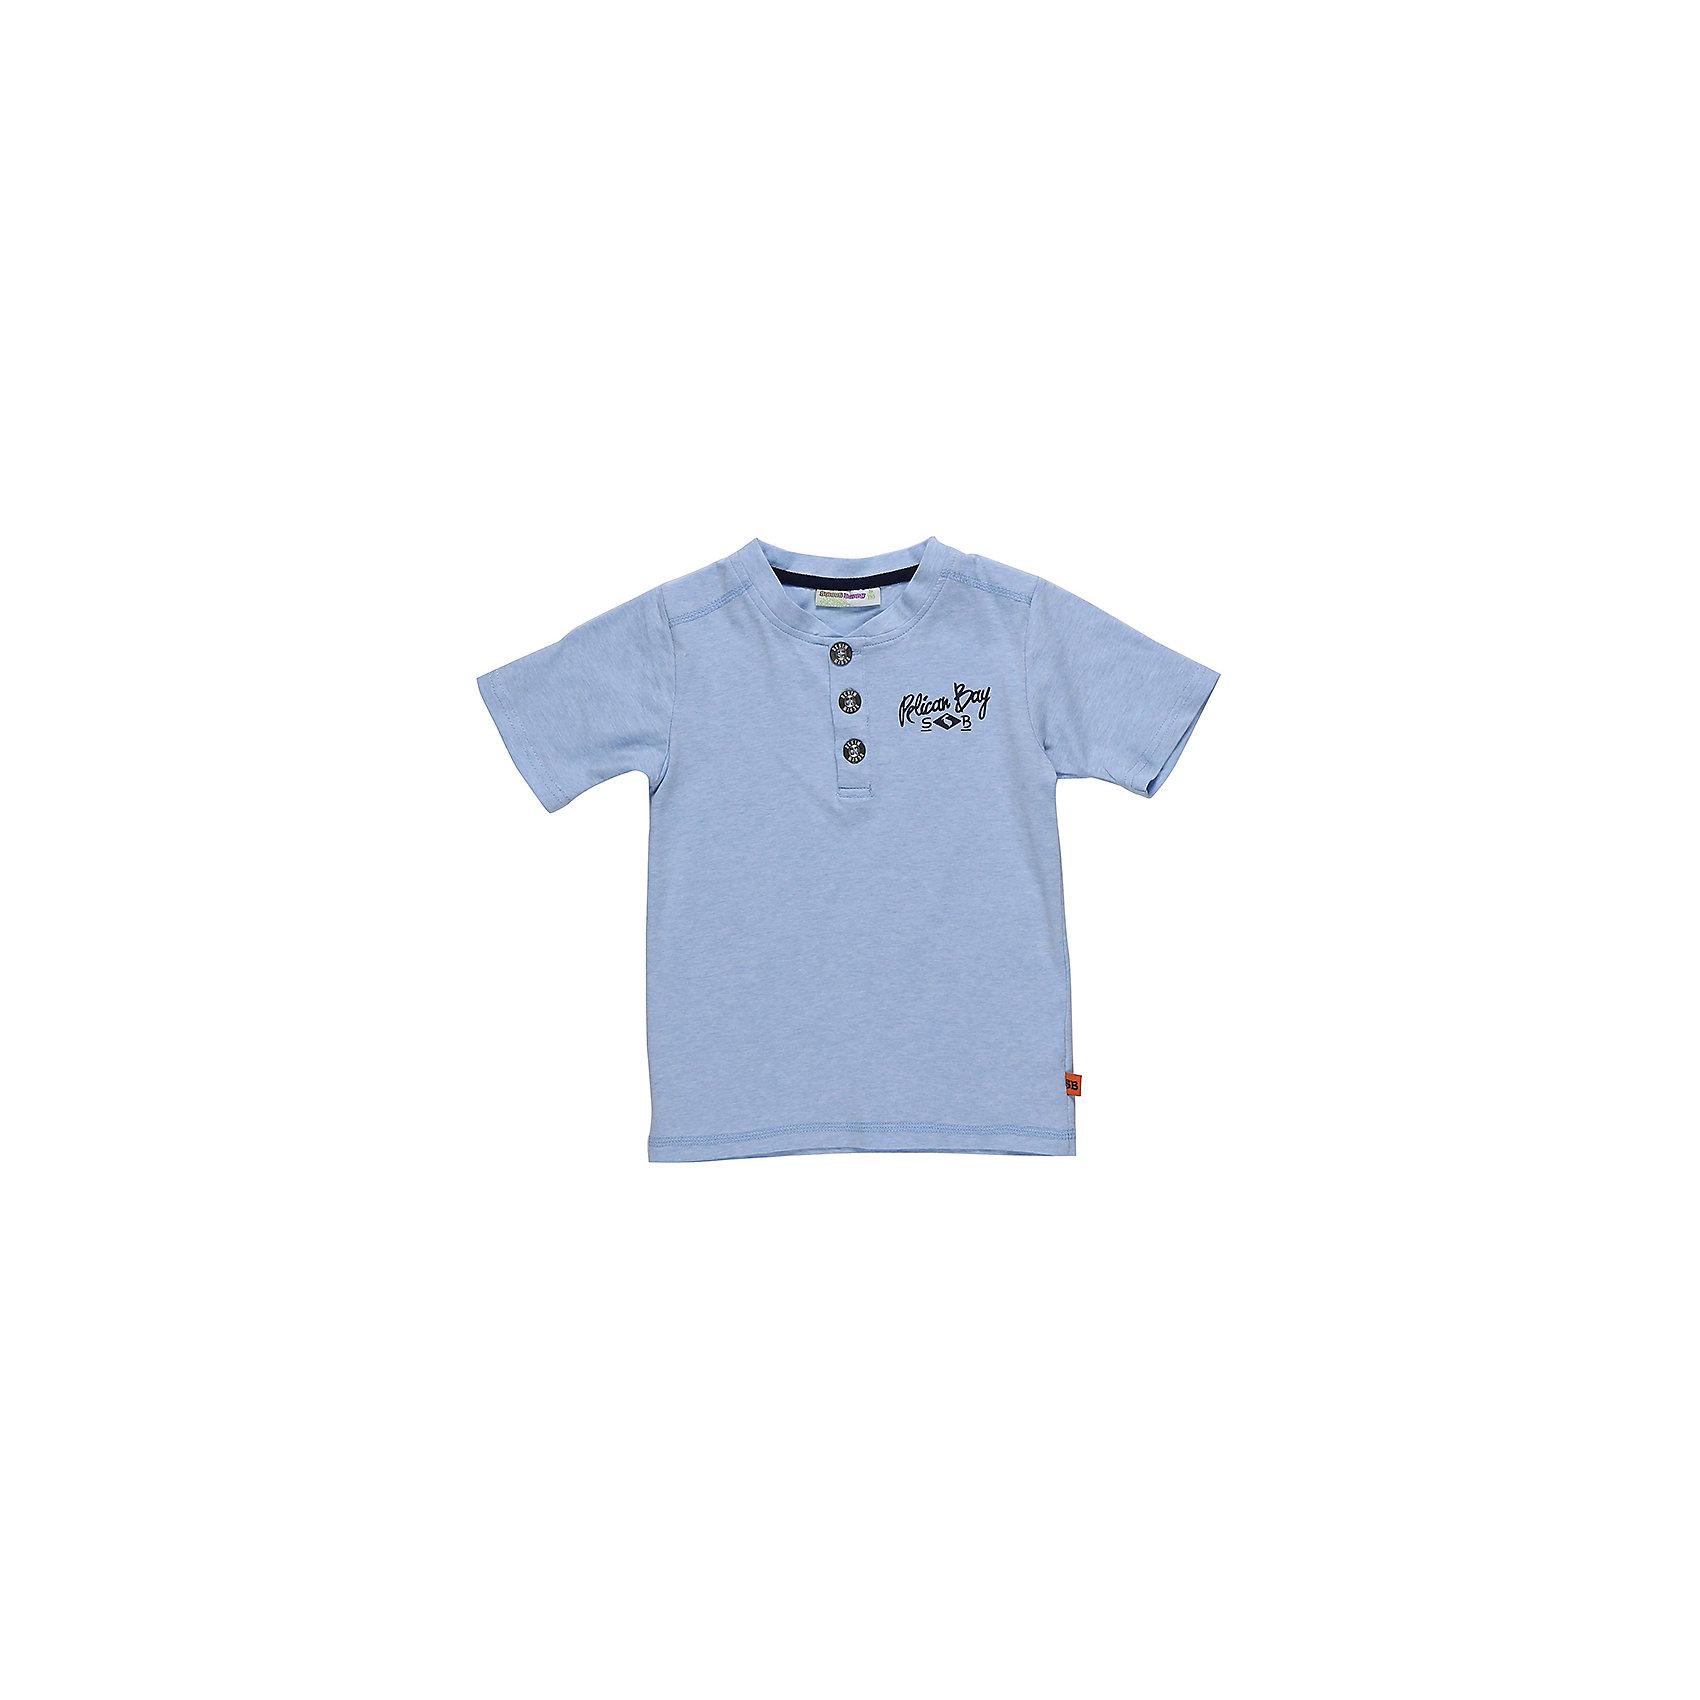 Футболка-поло для мальчика Sweet BerryФутболки, поло и топы<br>Модная трикотажная футболка для мальчика. Декорирована контрастной отделкой горловины и рукавов. Декоративная застежка на пуговках.<br>Состав:<br>95%хлопок 5%эластан<br><br>Ширина мм: 199<br>Глубина мм: 10<br>Высота мм: 161<br>Вес г: 151<br>Цвет: голубой<br>Возраст от месяцев: 36<br>Возраст до месяцев: 48<br>Пол: Мужской<br>Возраст: Детский<br>Размер: 104,98,110,116,122,128<br>SKU: 5410400